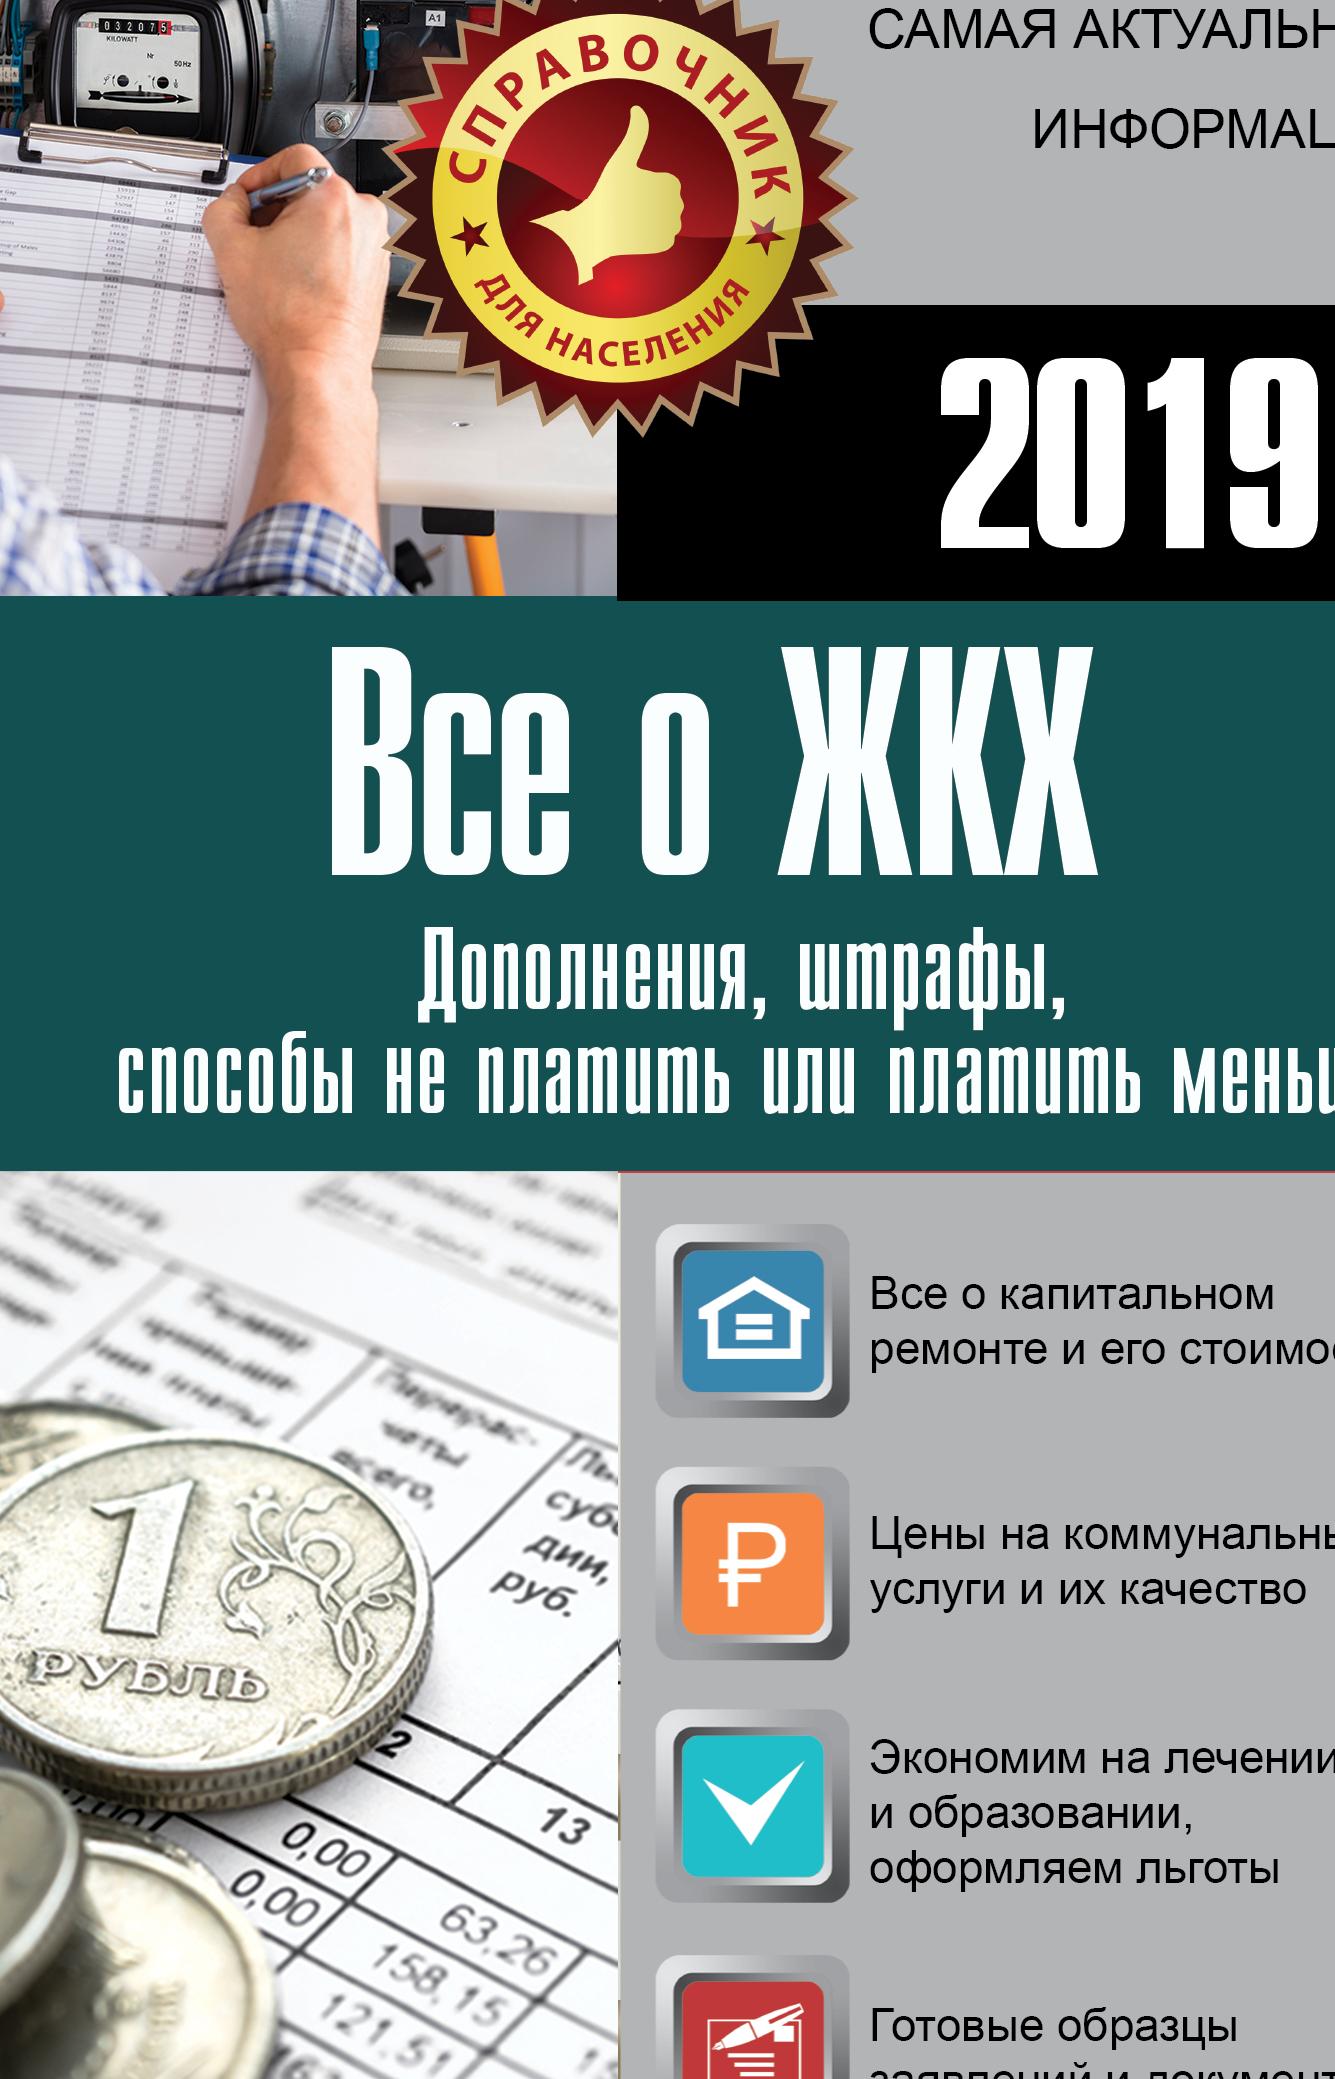 Фото - . Все о ЖКХ на 2019 год белановский а с шевченко с с все о жкх на 2018 год